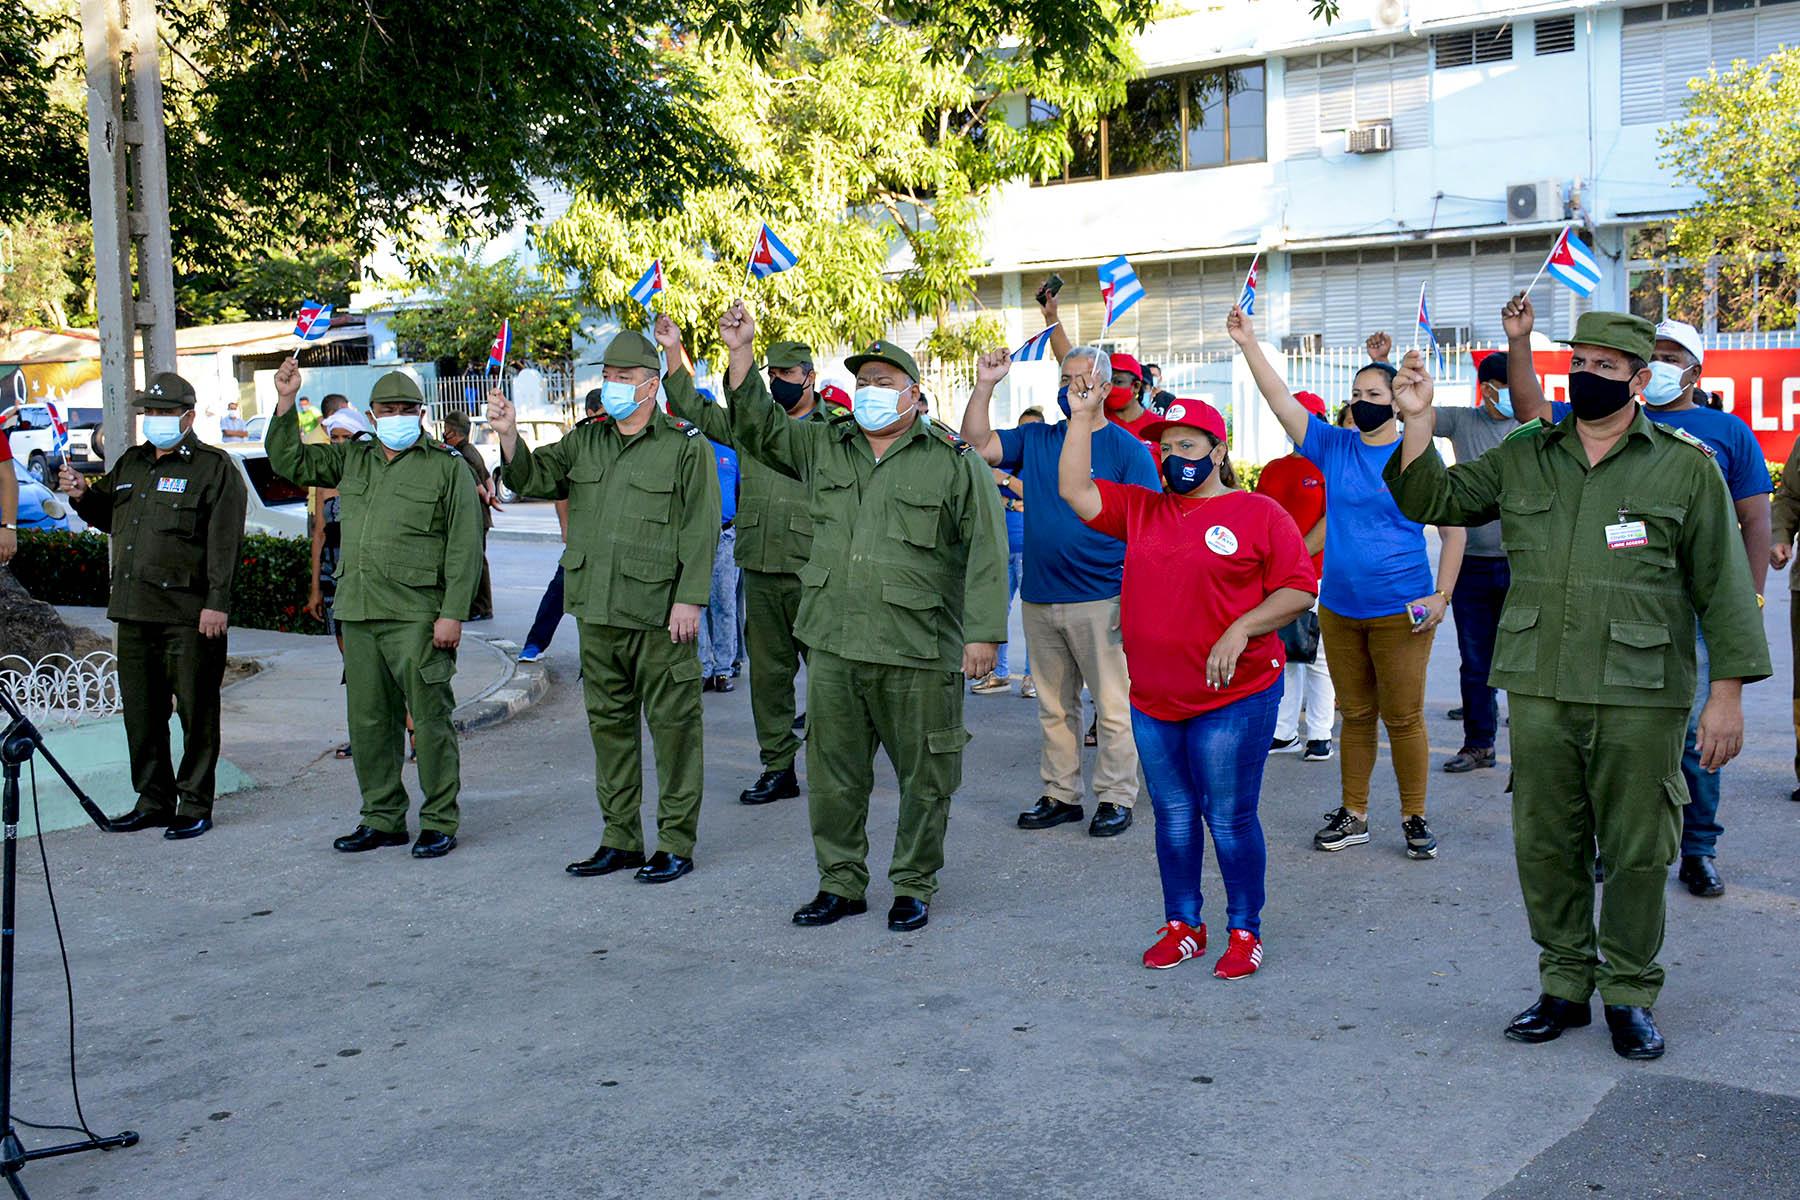 Desfilan simbólicamente en Granma por el Primero de Mayo (+ fotos)